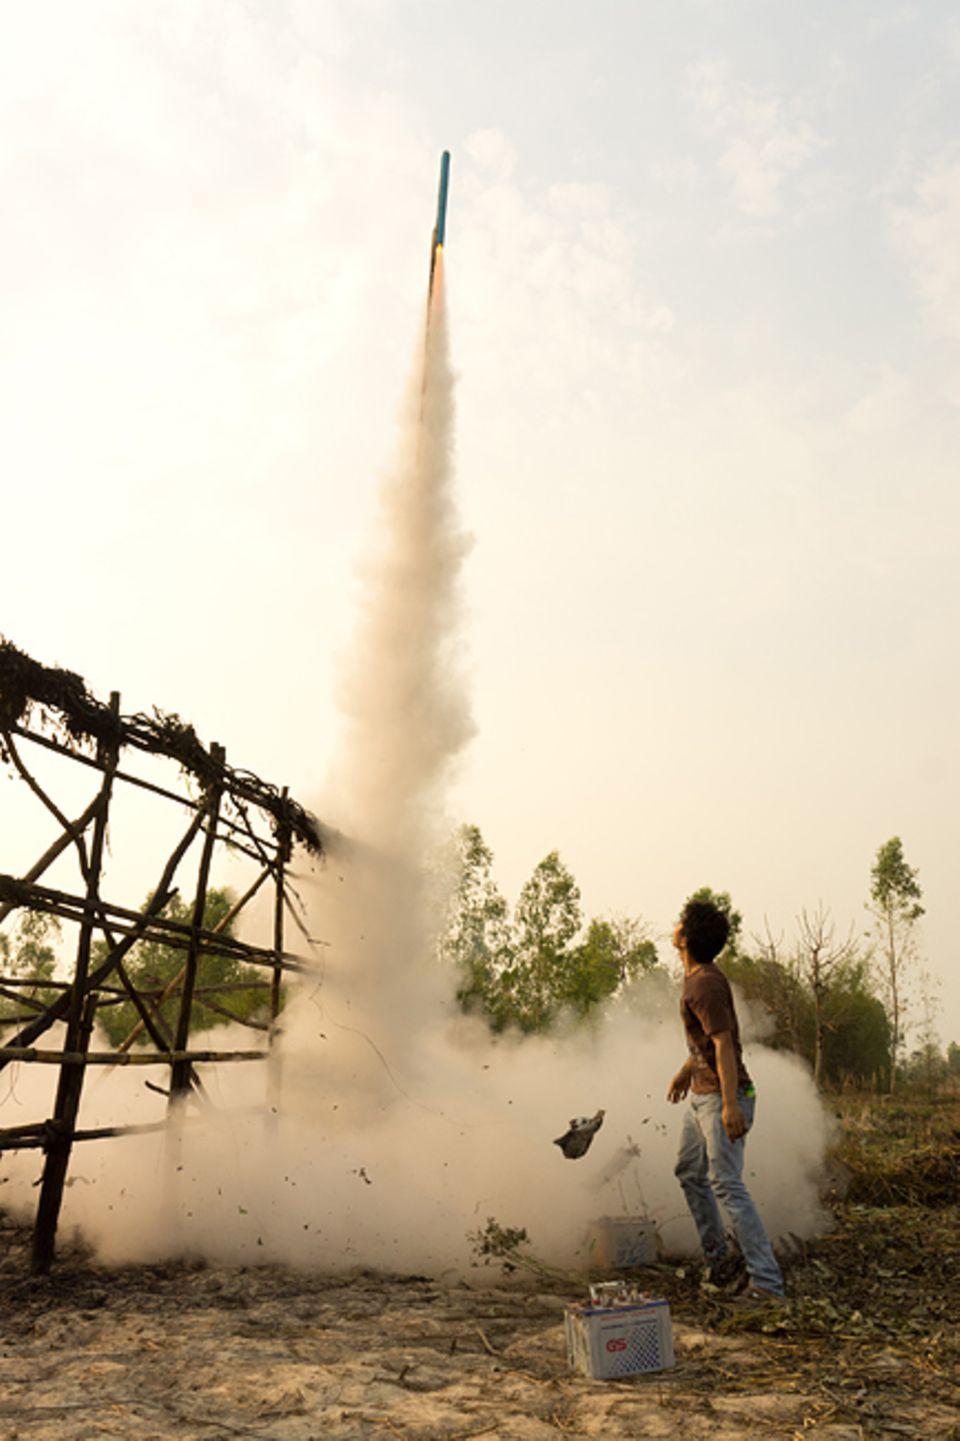 Mit den Raketen bitten die Menschen die Götter um Regen für die nächste Erntesaison - ein traditionelles Volksfest und gefährliches Kräftemessen der besten Pyrotechniker aus der Region